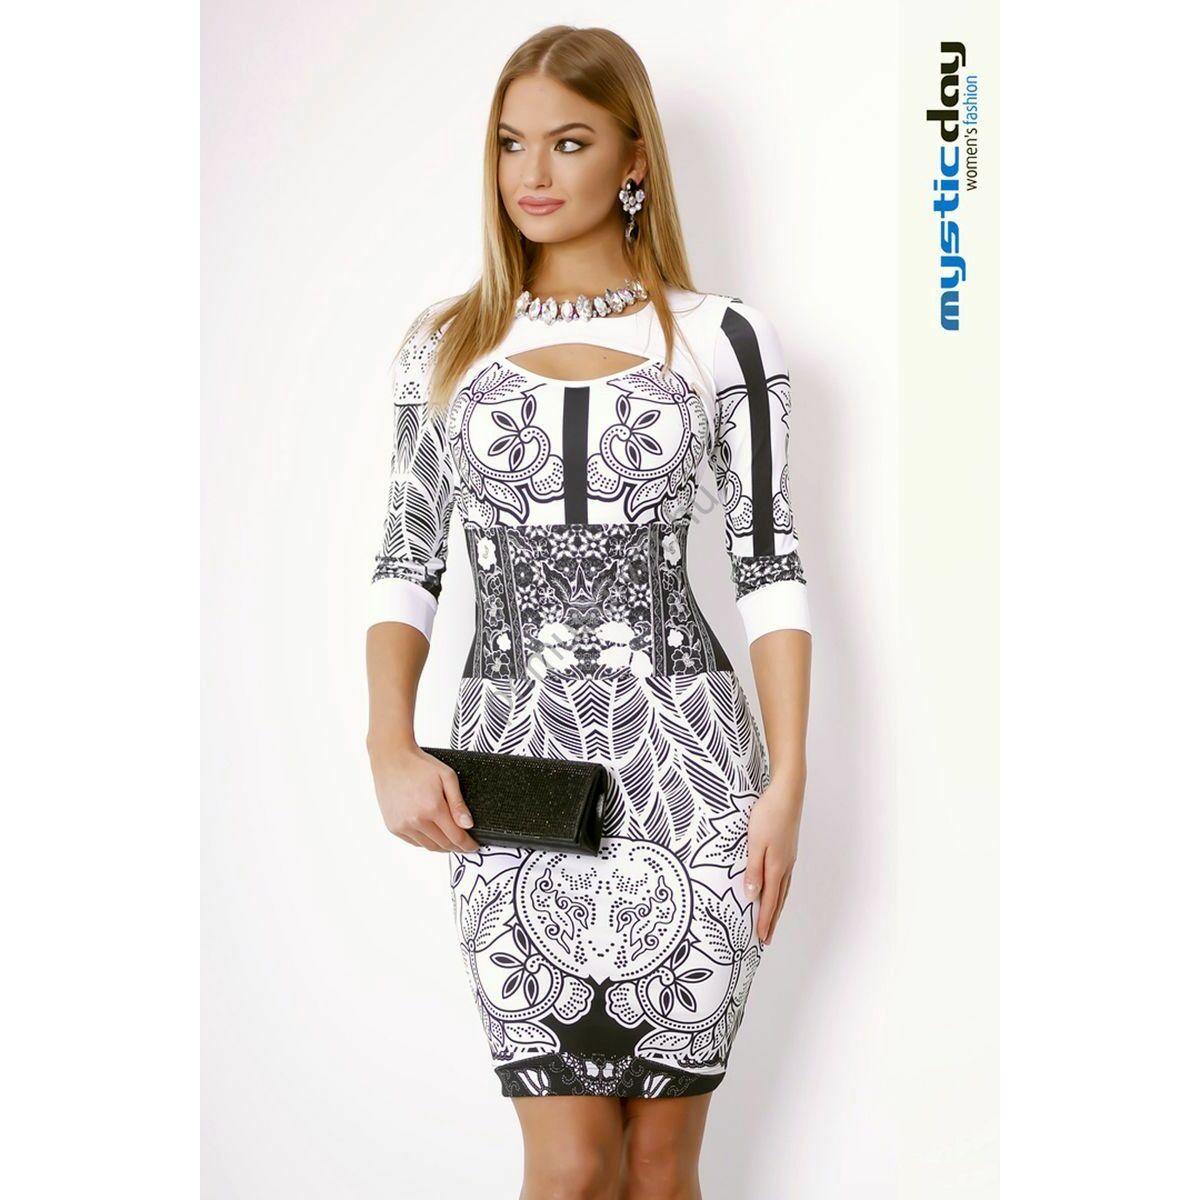 Mystic Day kivágott dekoltázsú fekete-fehér mintás alkalmi ruha 311764c3bd